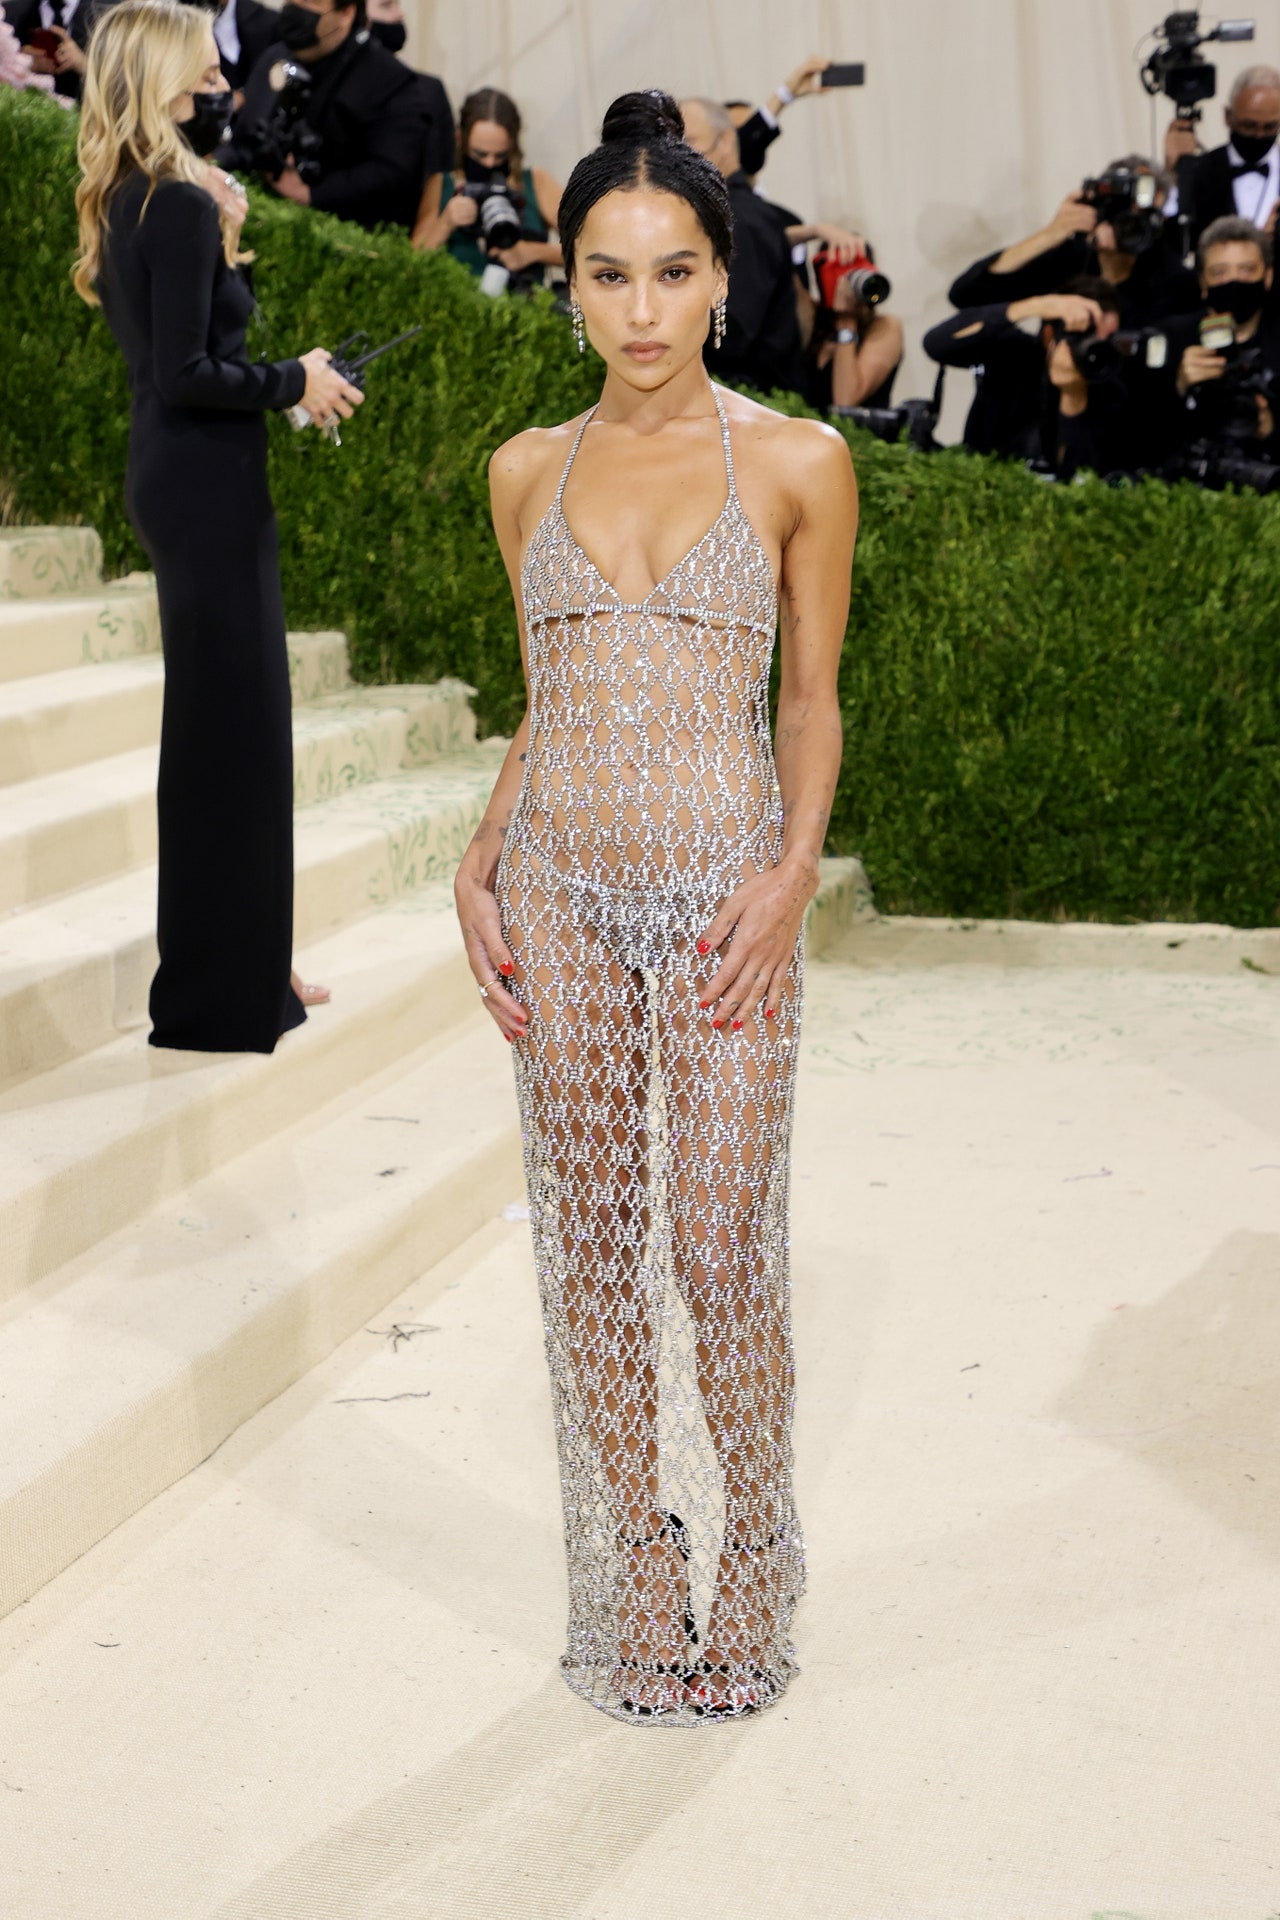 Zoe Kravitz ने Met Gala में बोल्ड लुक थ्रू ड्रेस पहनी थी, जिसपर हर किसी की निगाहें टिकी रहीं।